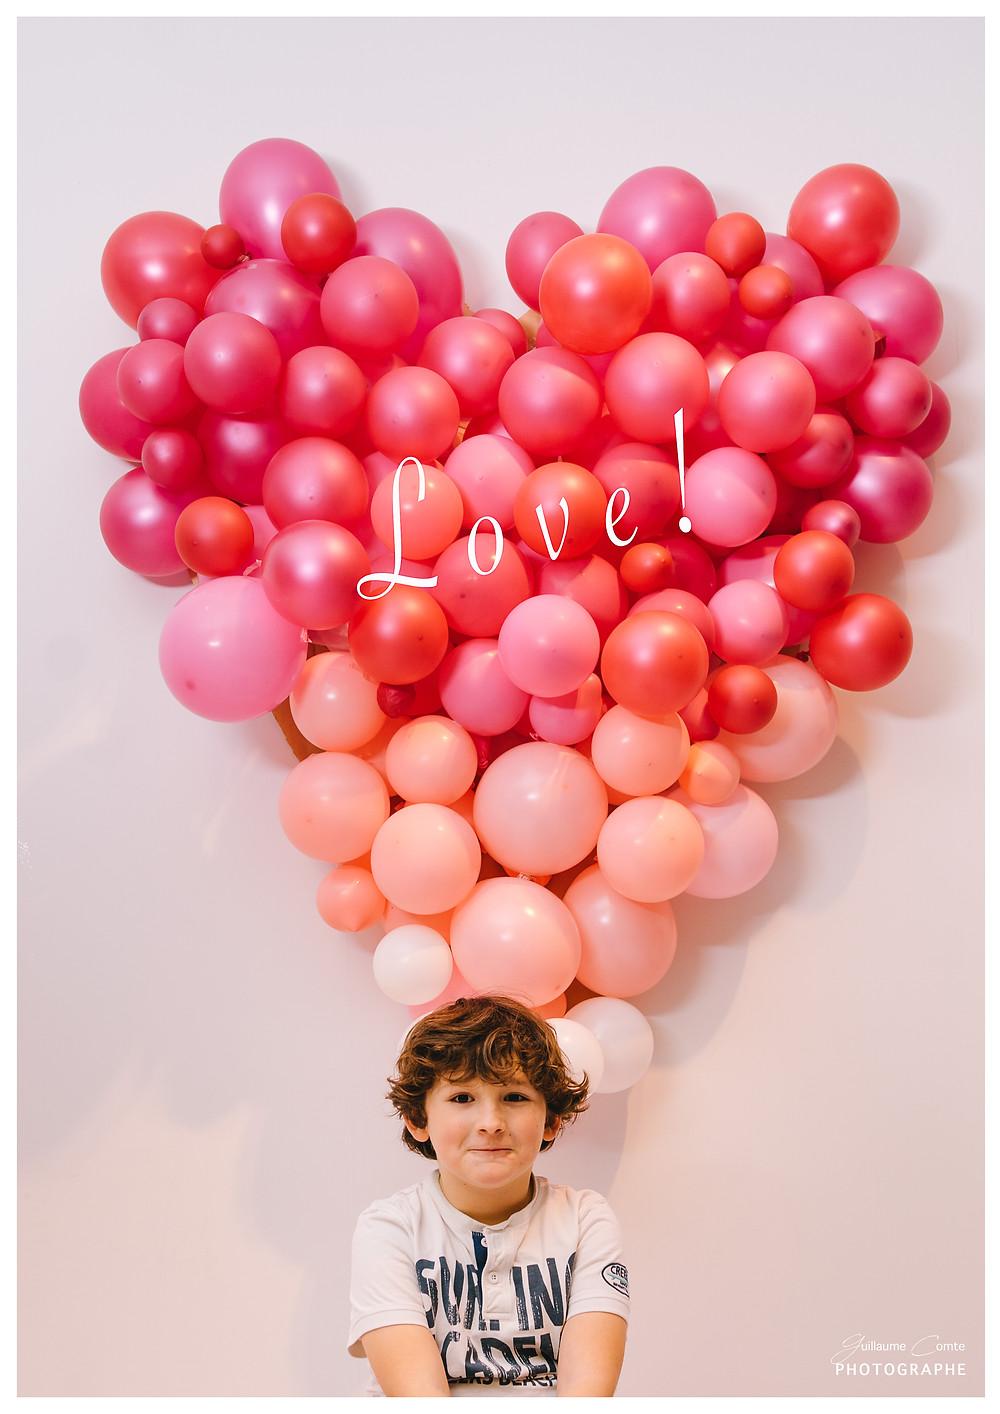 Photographe Limoges Famille Enfant Créatif Saint Valentin